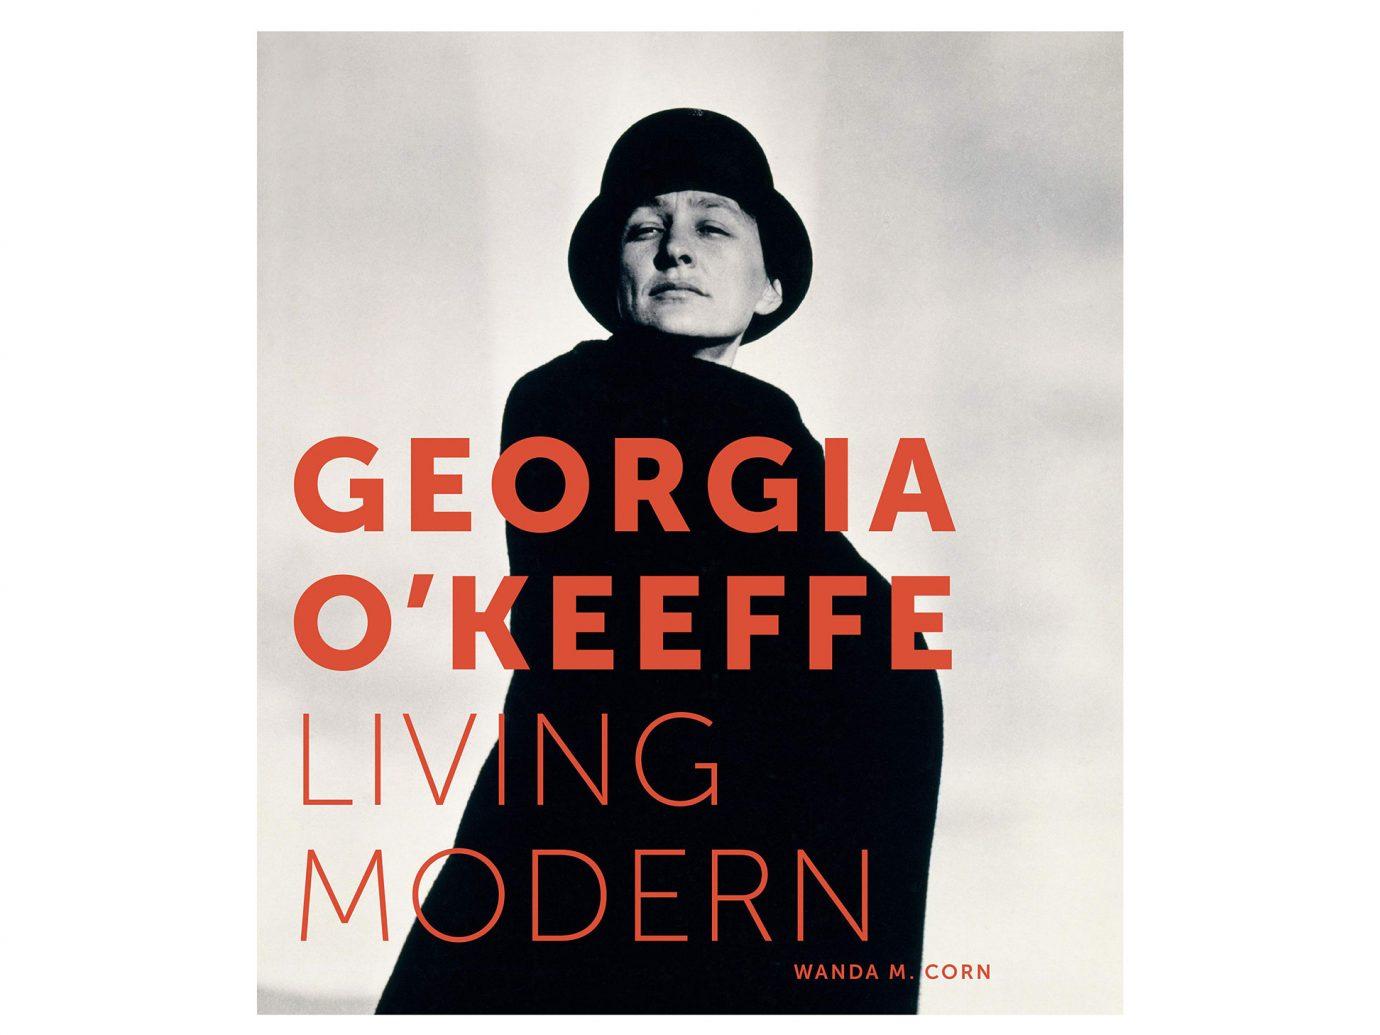 Georgia O'Keeffe Living Modern book